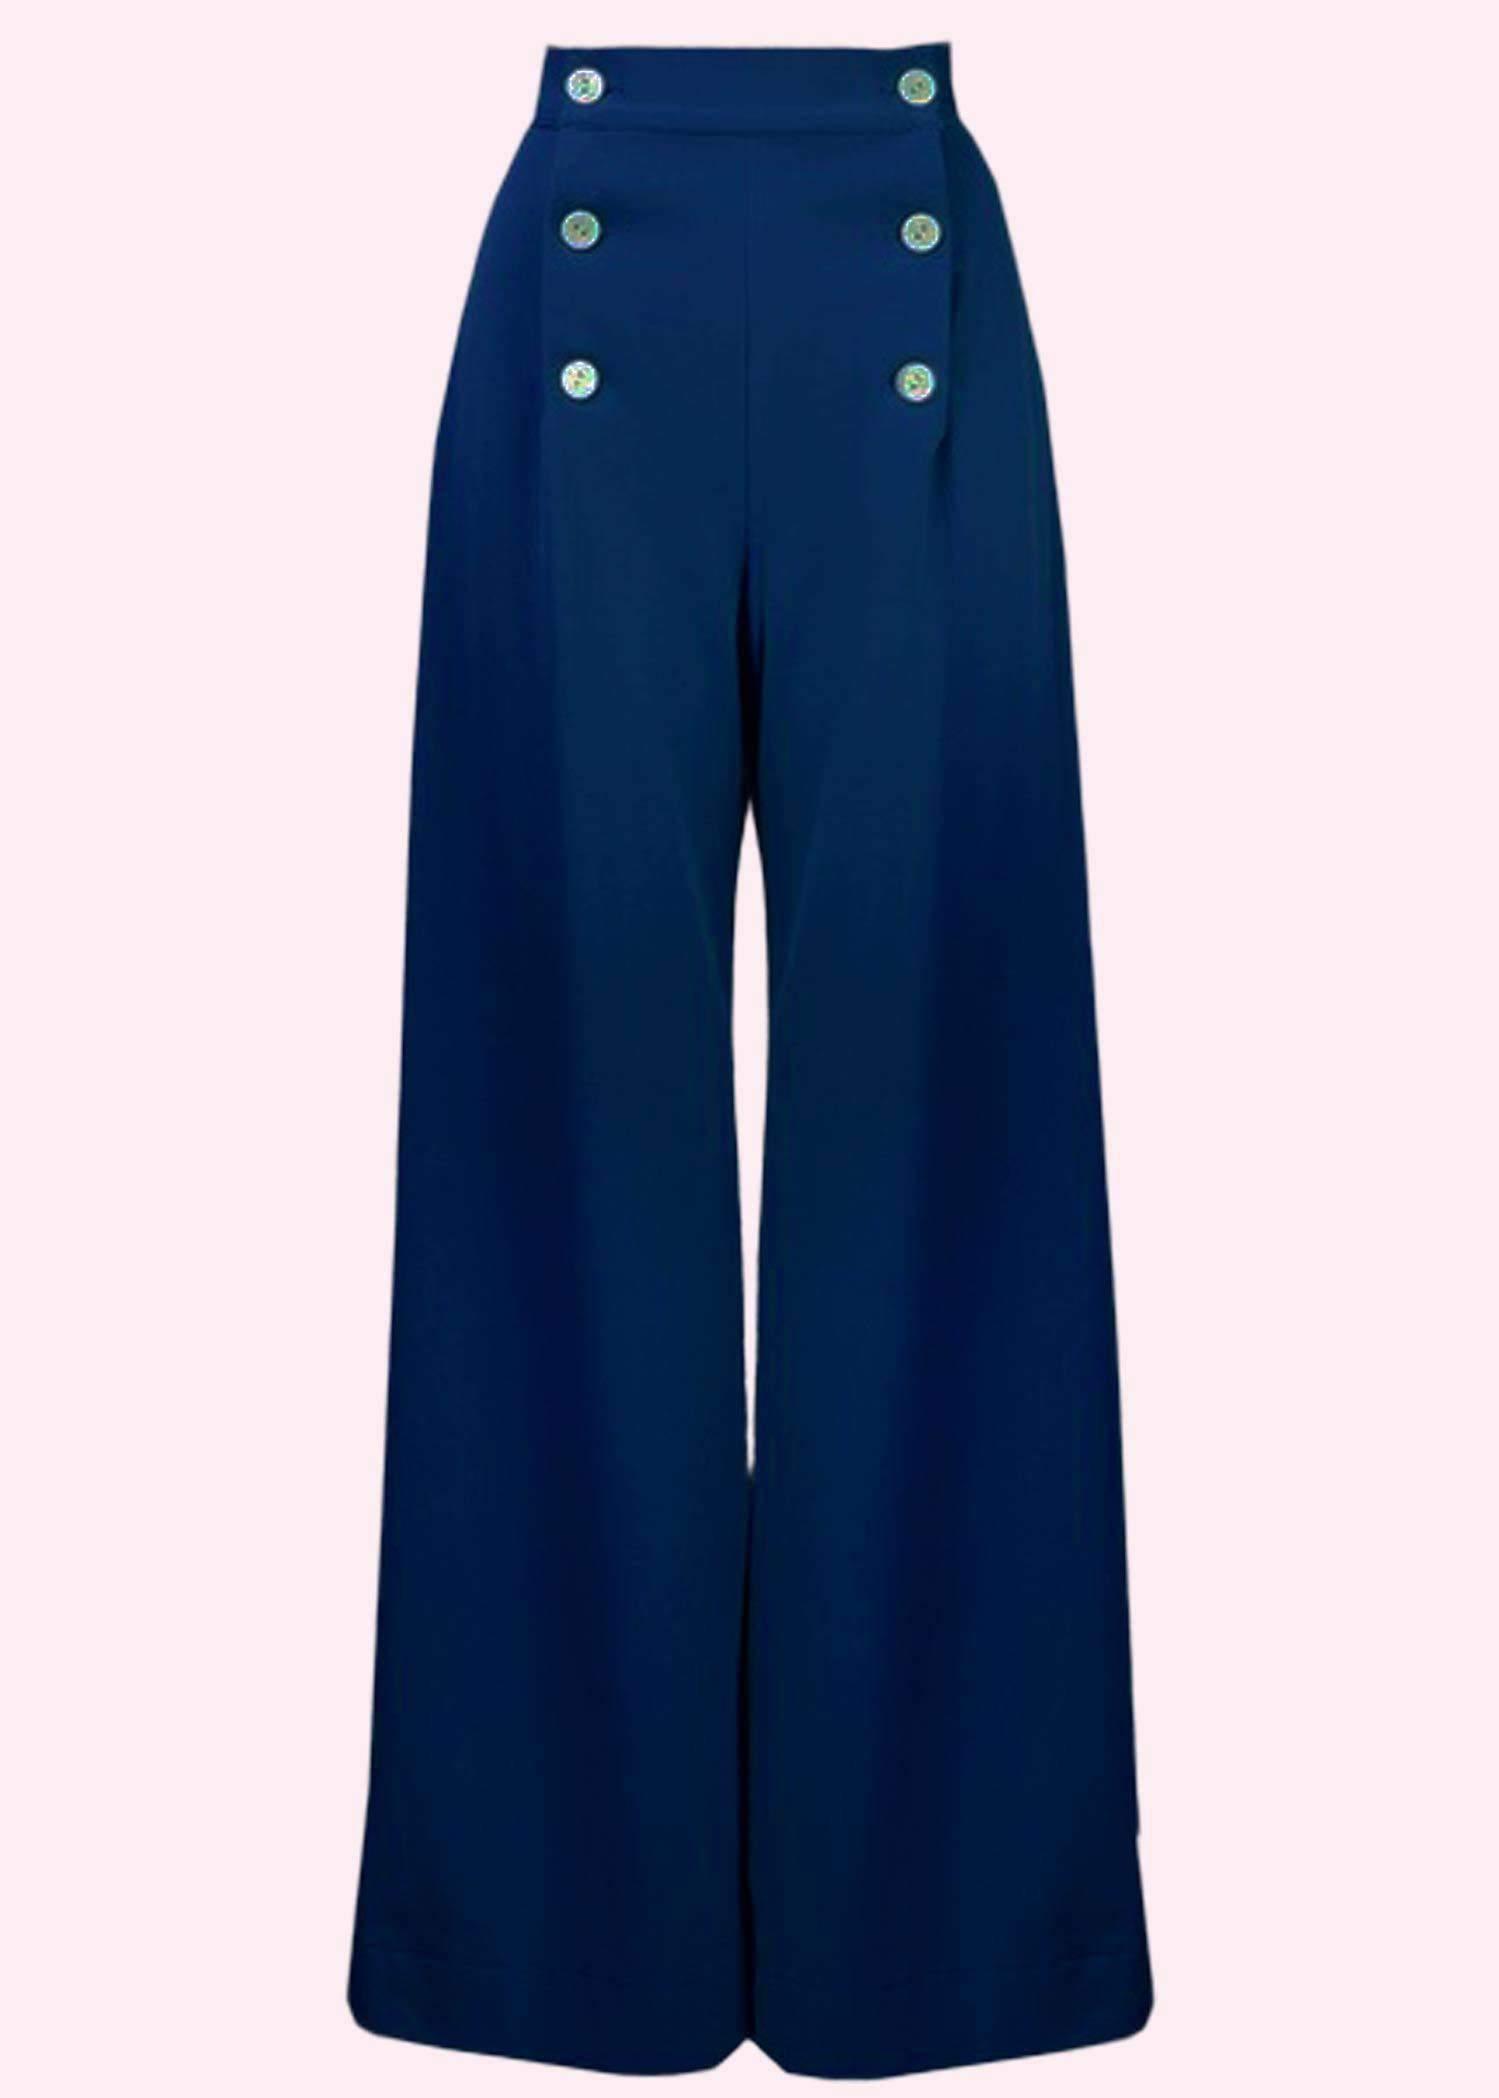 Brede bukser i navy blå fra The House Of Foxy